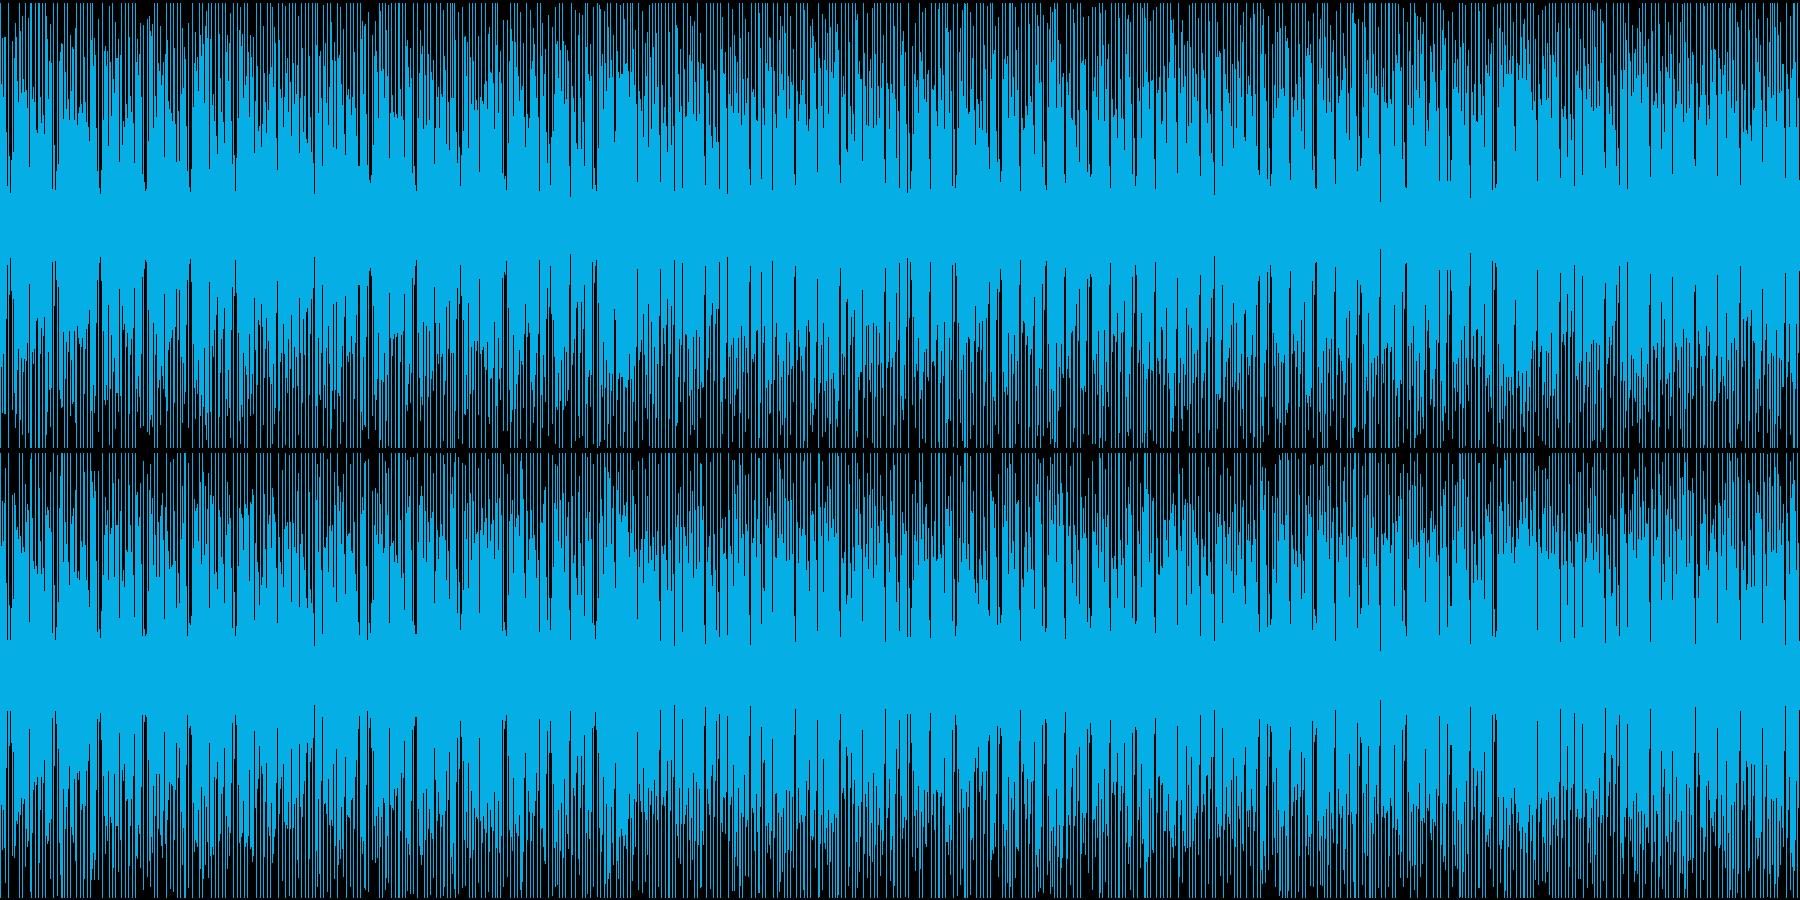 シンセメロディのお洒落なエレクトロポップの再生済みの波形